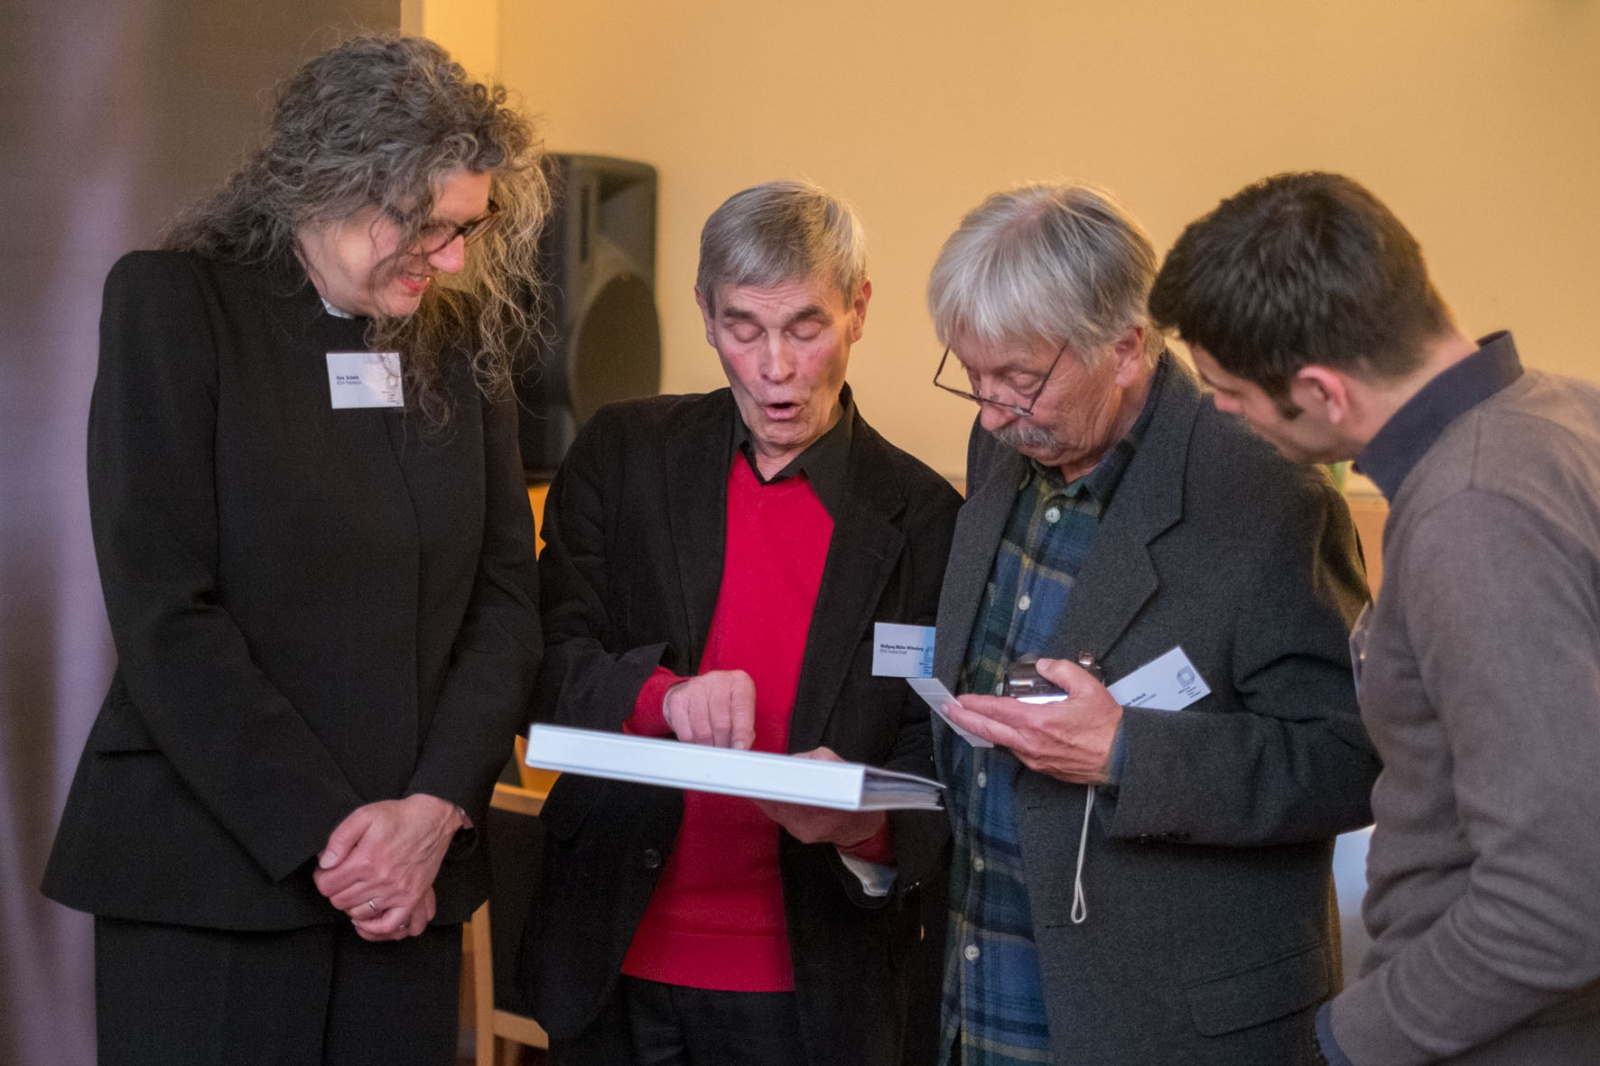 Thema Weitere Veranstaltungen Bdia Bund Deutscher